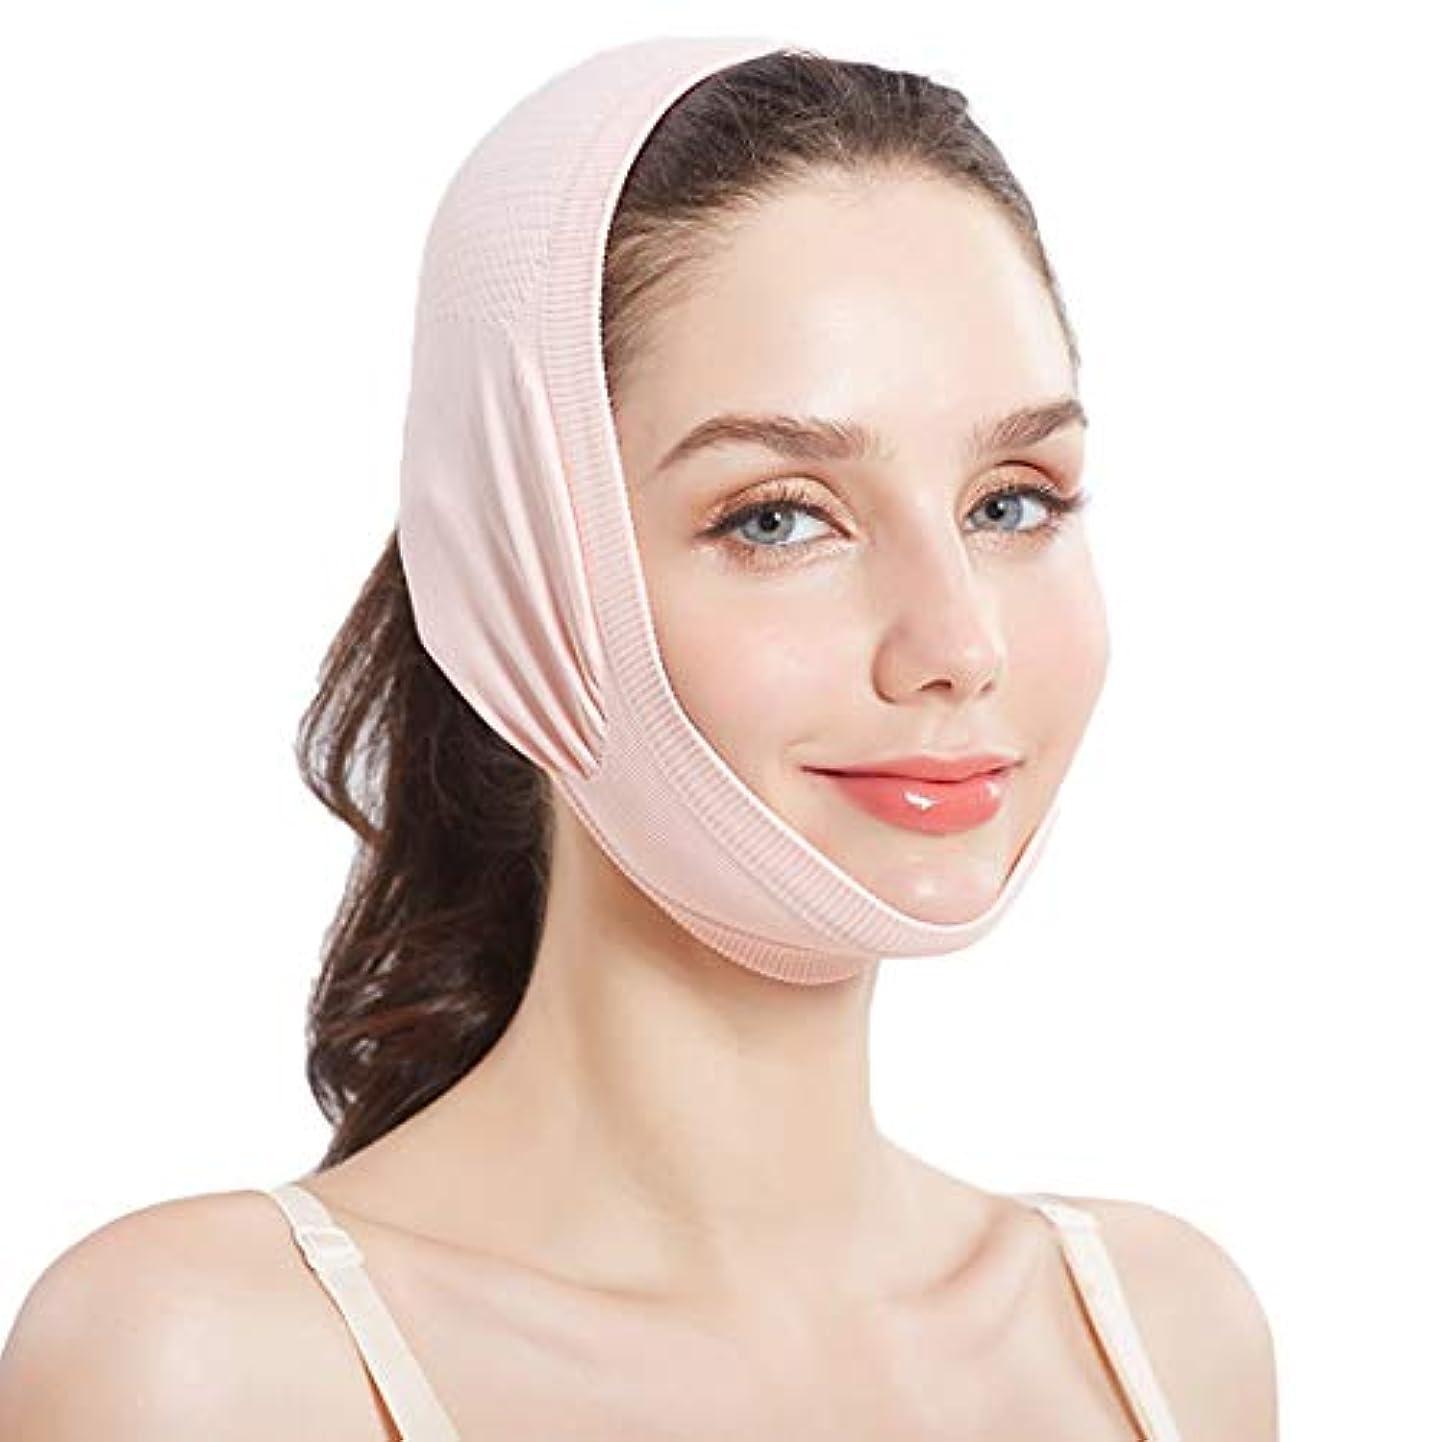 どうしたの見捨てられた代替案ZWBD フェイスマスク, フェイスリフティング包帯マスクあごV整形マスク美容包帯マスクリフティング引き締めピンクベージュ (Color : Pink)